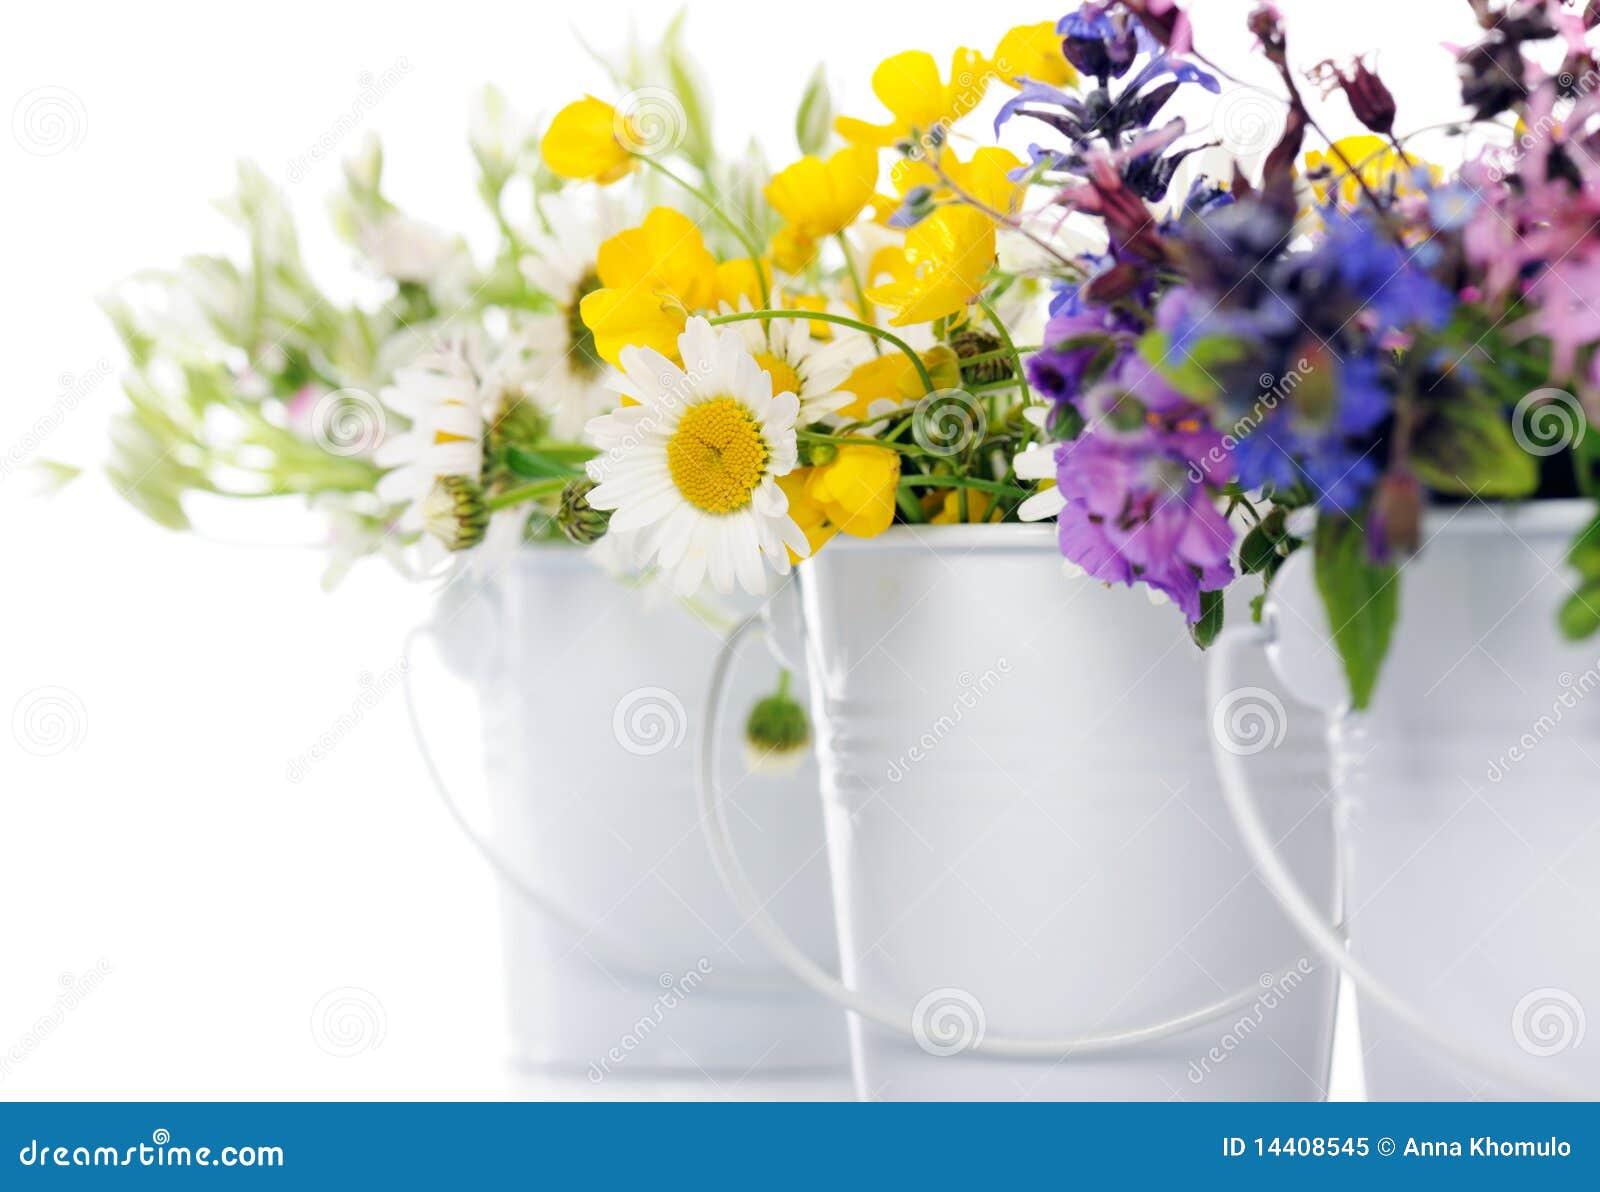 Bloemen decoratie stock afbeelding afbeelding bestaande for Bloemen decoratie